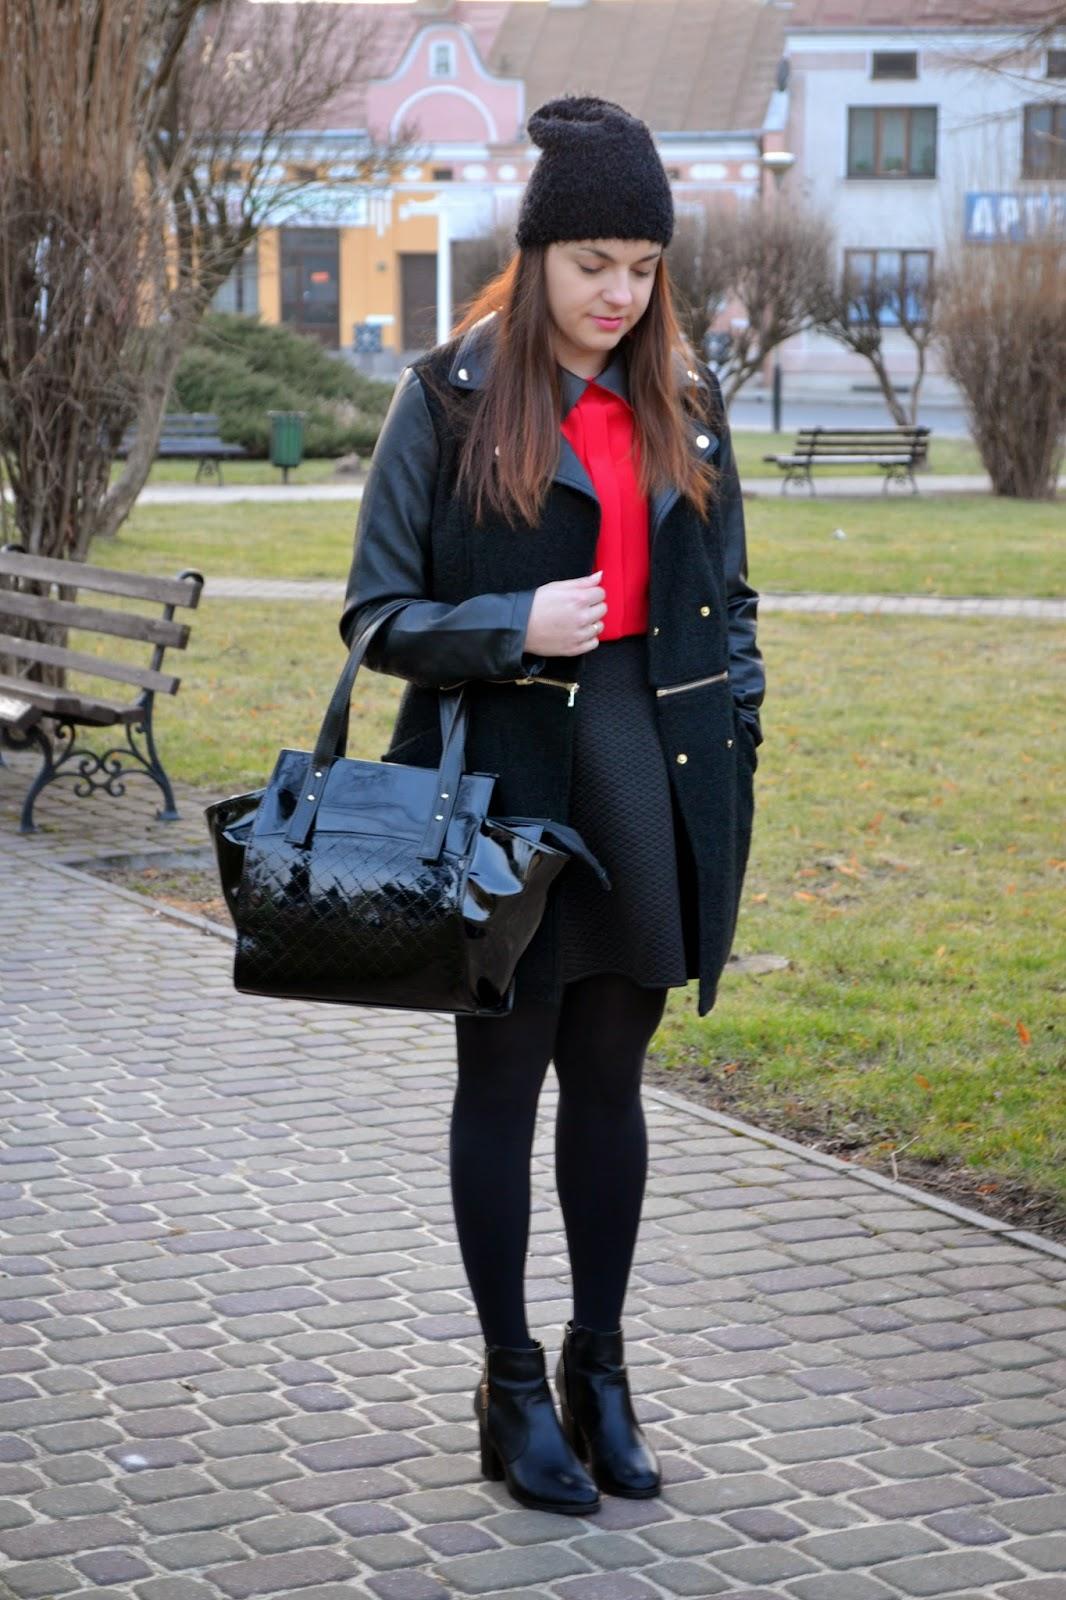 Czerwona koszula stylizacja, czarny płaszcz skórkowe wstawki, lakierowana torba, kuferek torebka, czarna duża torba,